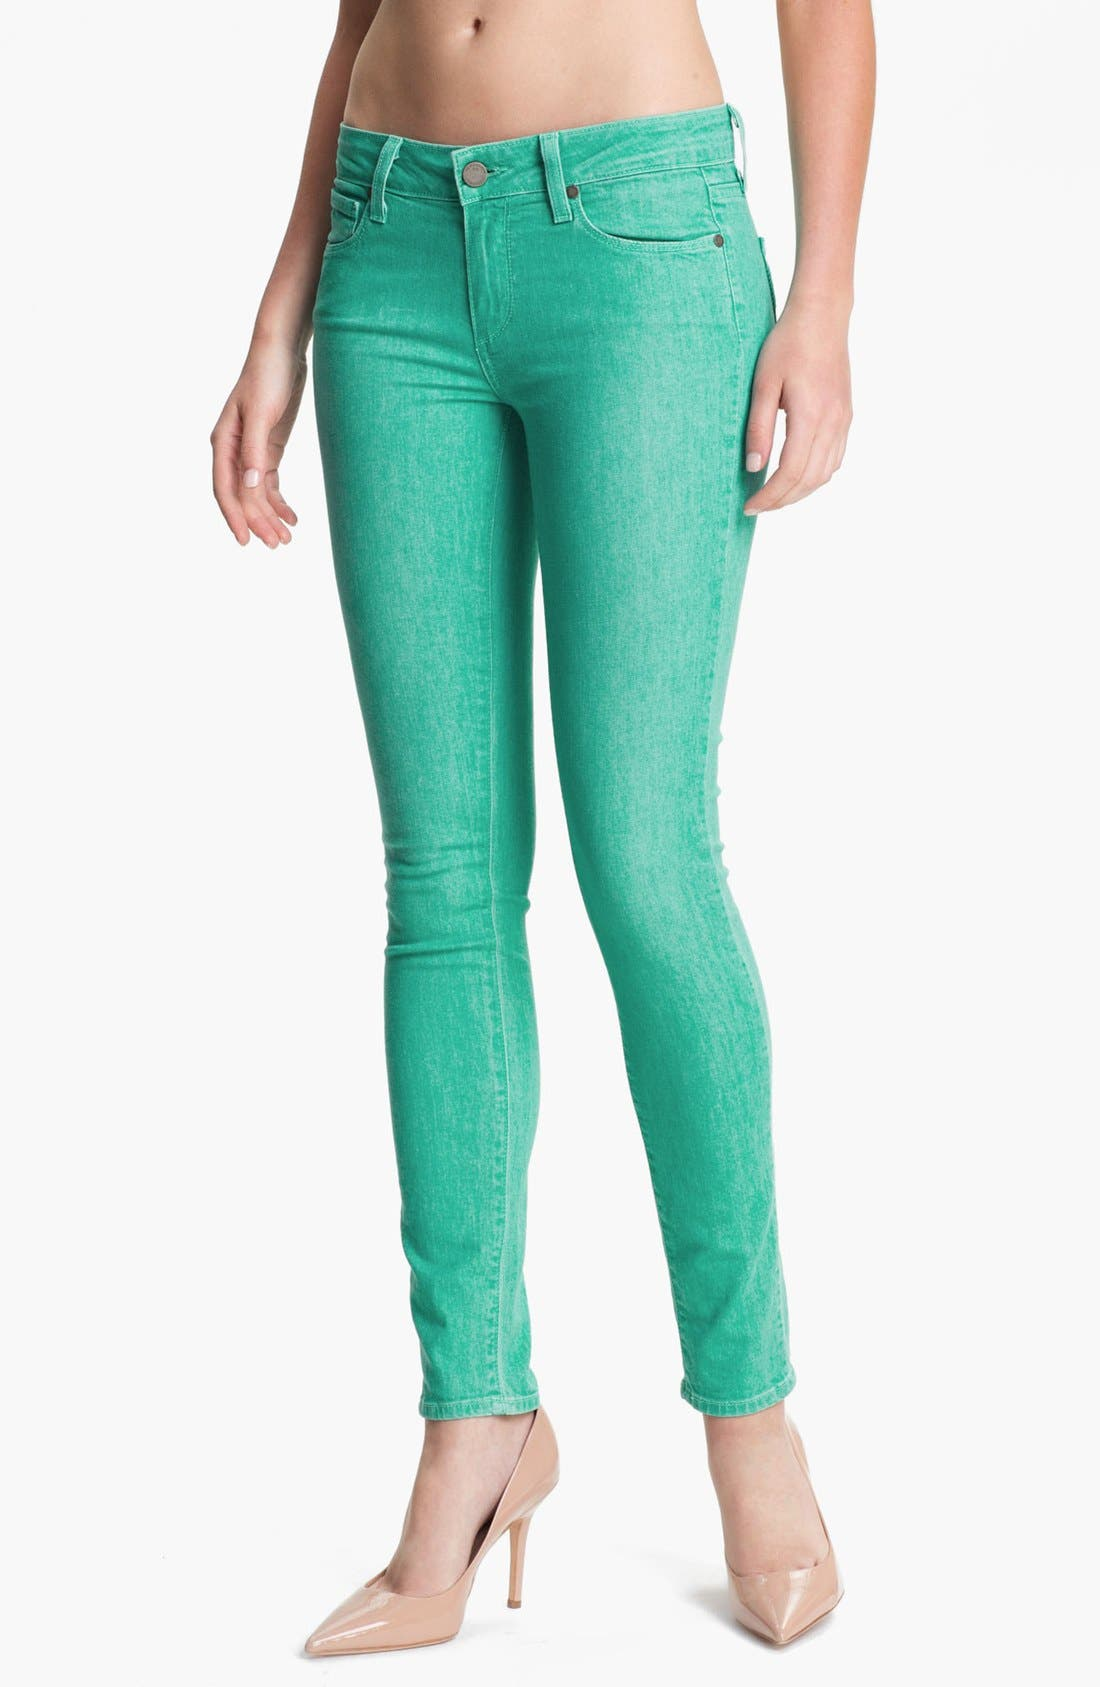 Main Image - Paige Denim 'Verdugo' Skinny Stretch Denim Jeans (Spearmint)